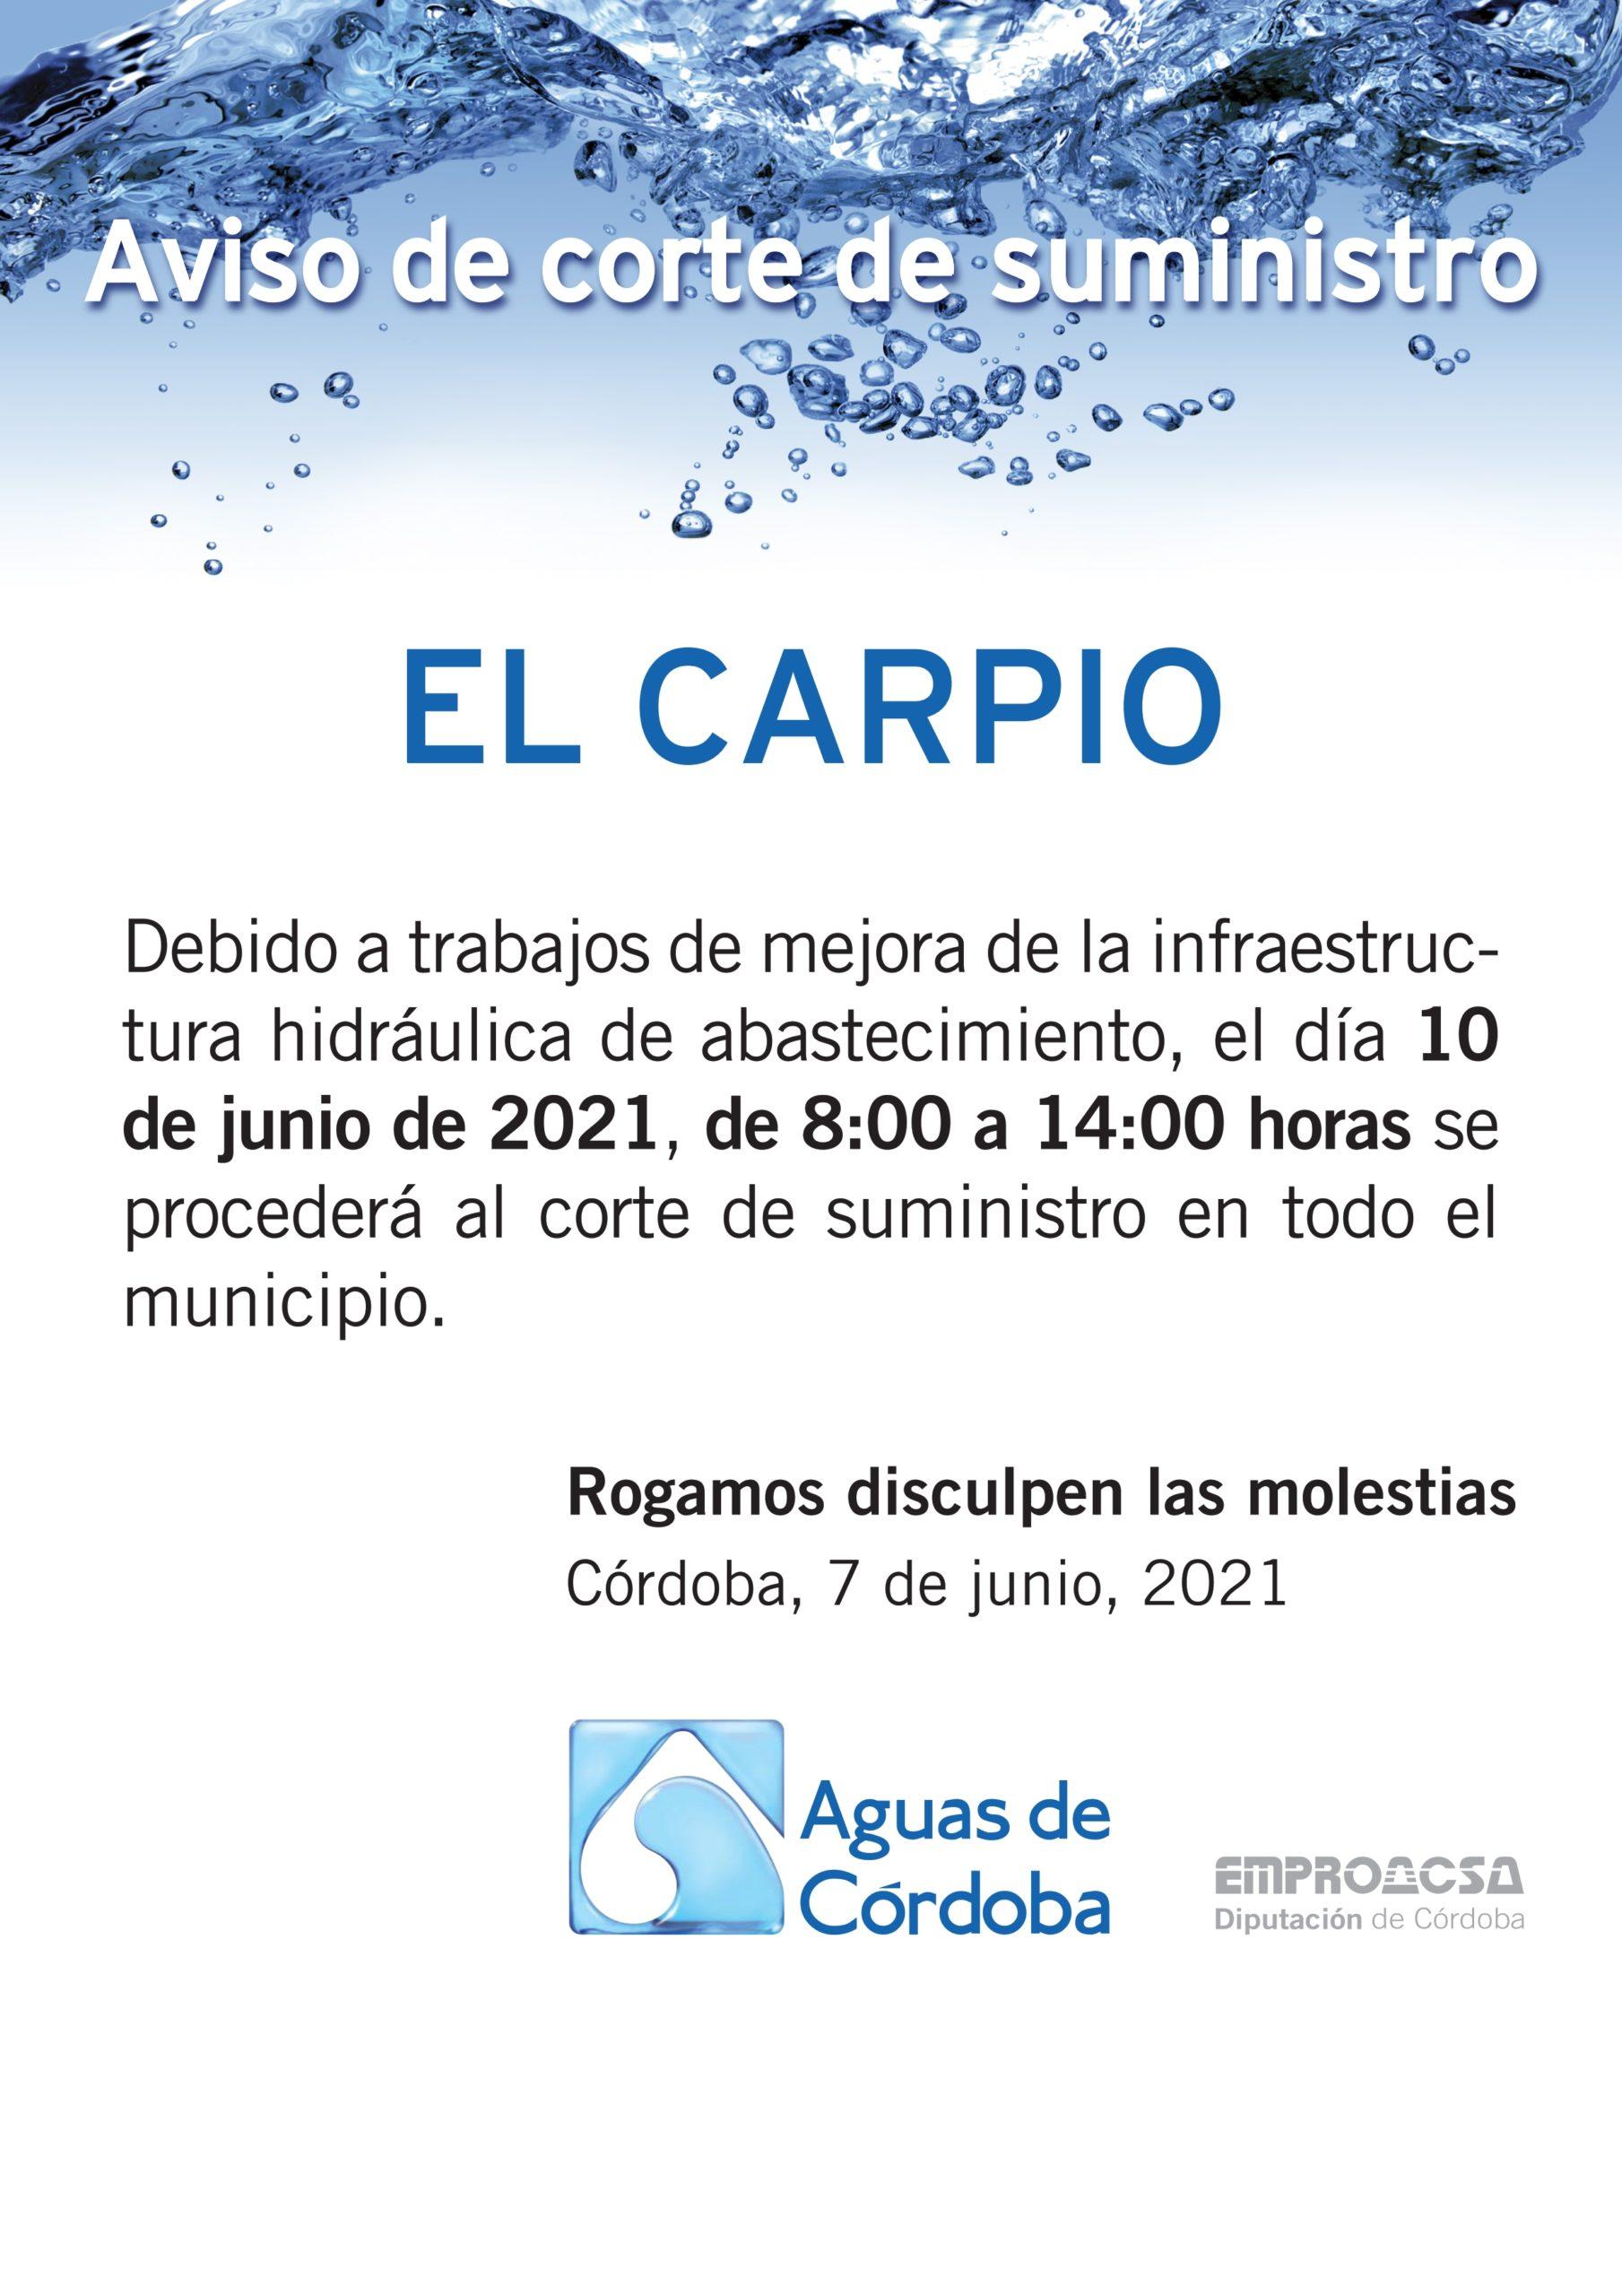 AVISO DE CORTE DE SUMINISTRO A LA POBLACIÓN DE EL CARPIO para el jueves 10 de junio de 2021